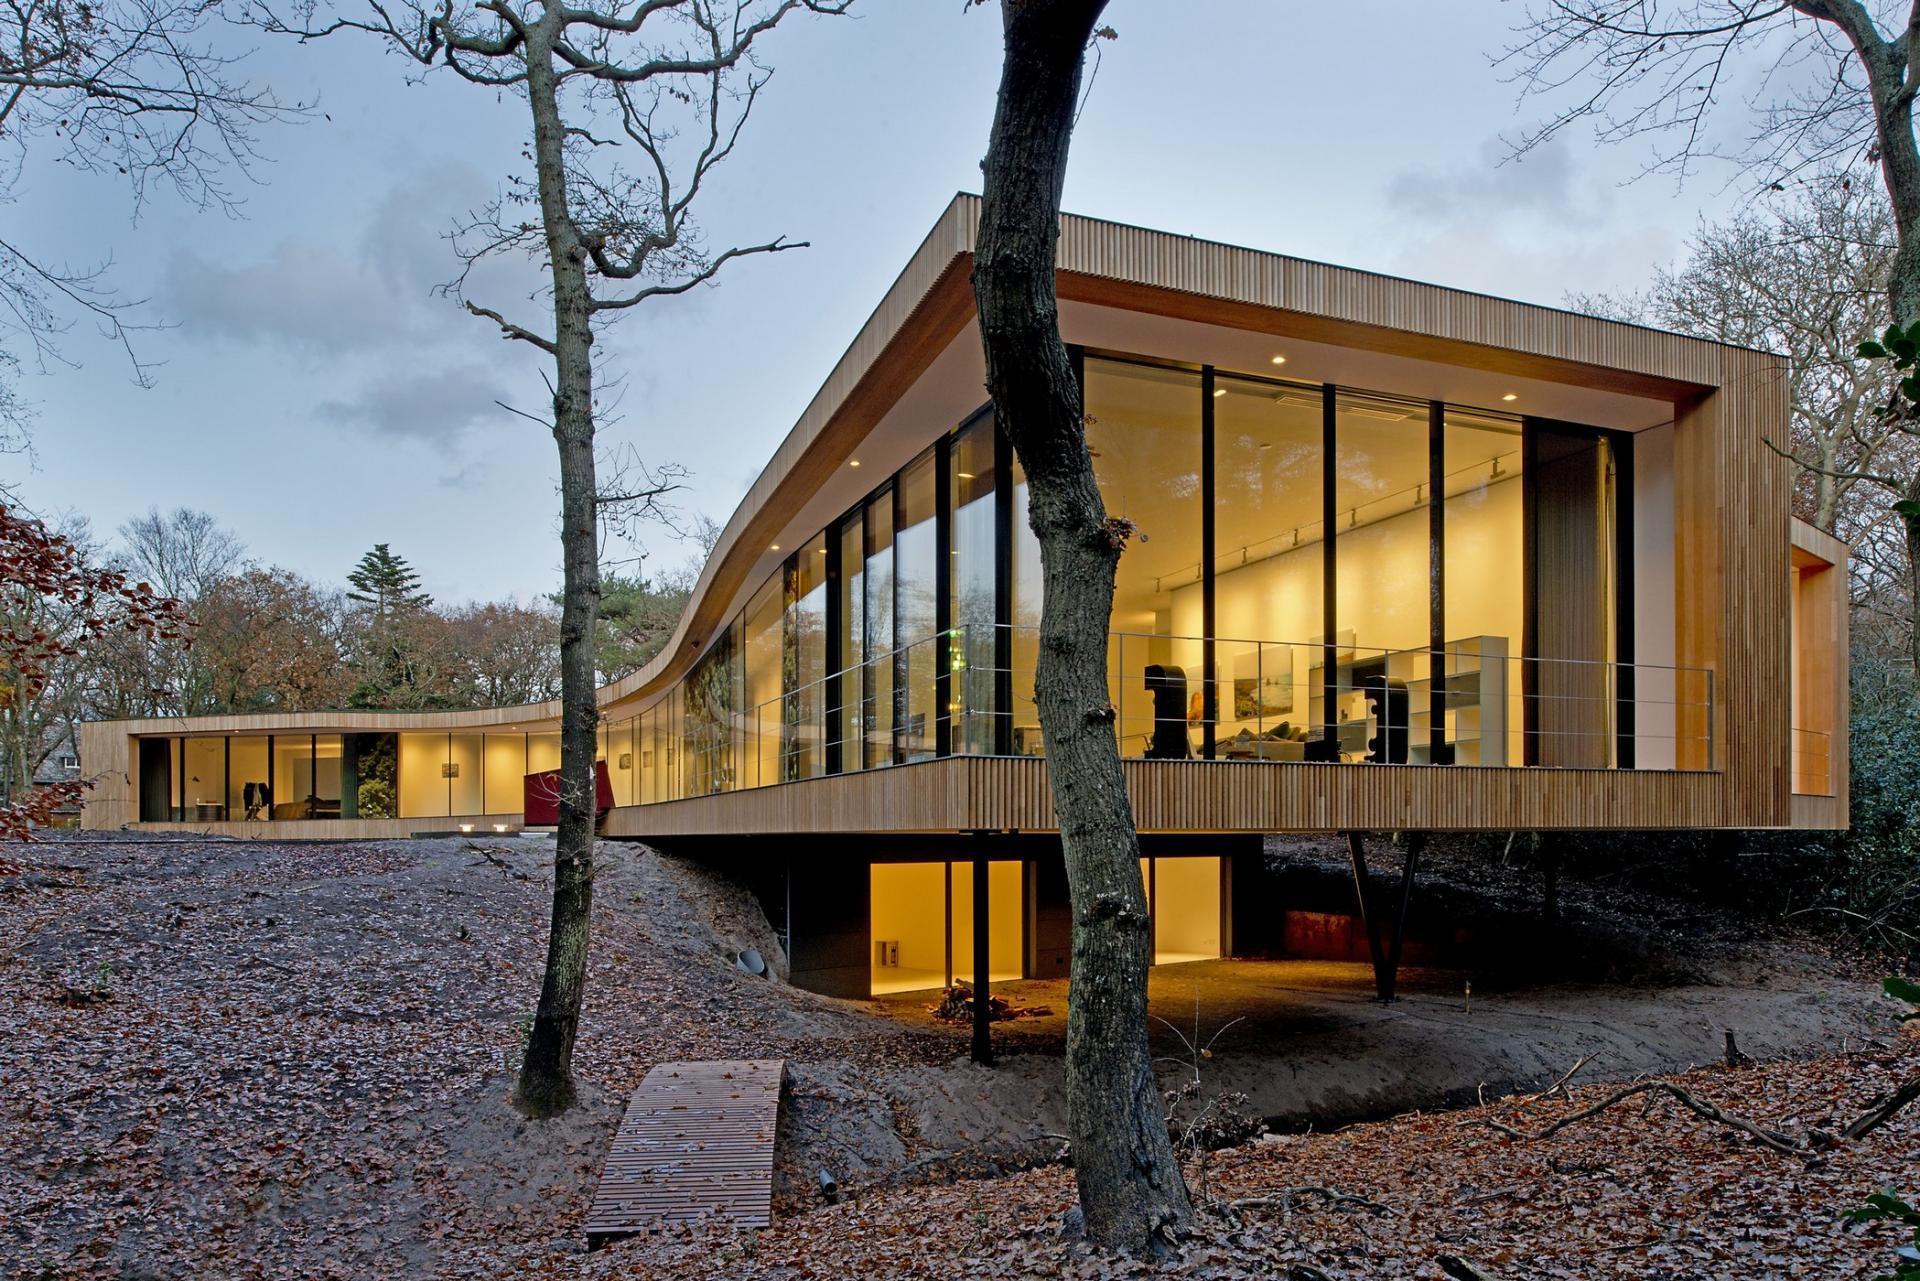 Maison bois contemporaine à l'architectu...